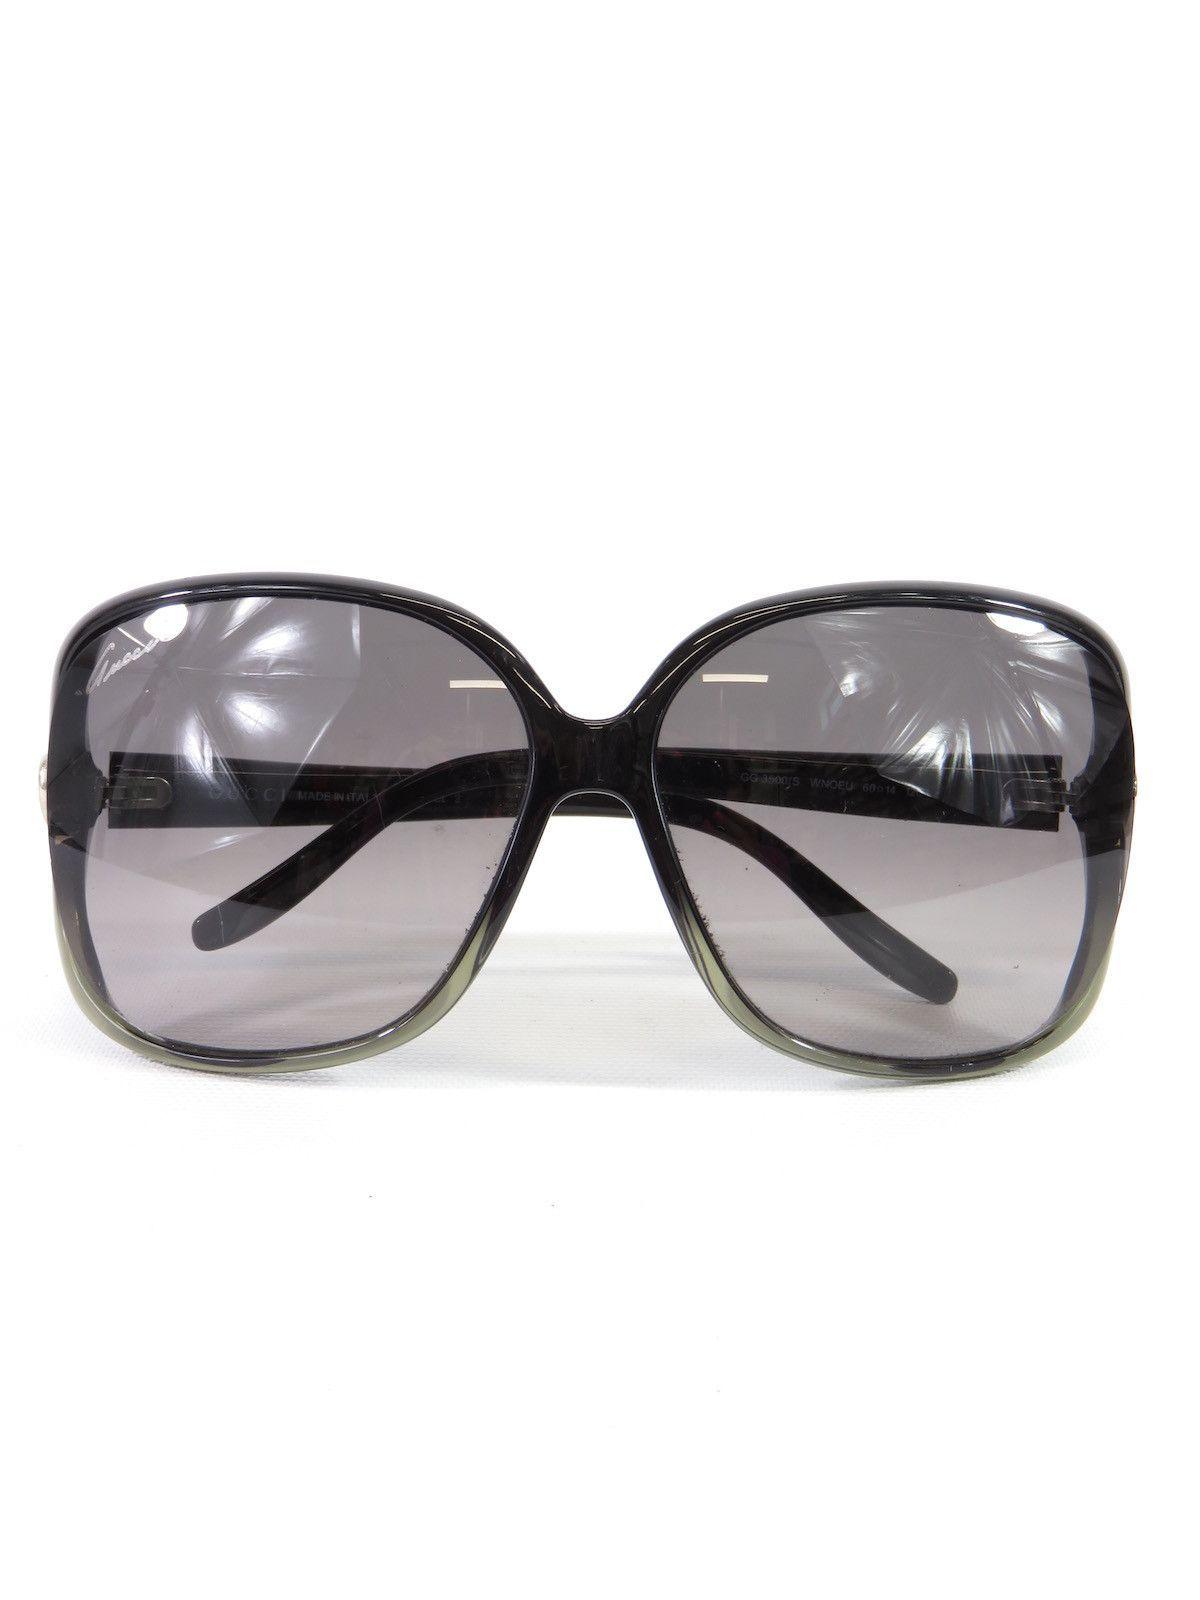 cdf760776b NEW! GUCCI Women Black Ombre Oversized Square Sunglasses GG Heart ...